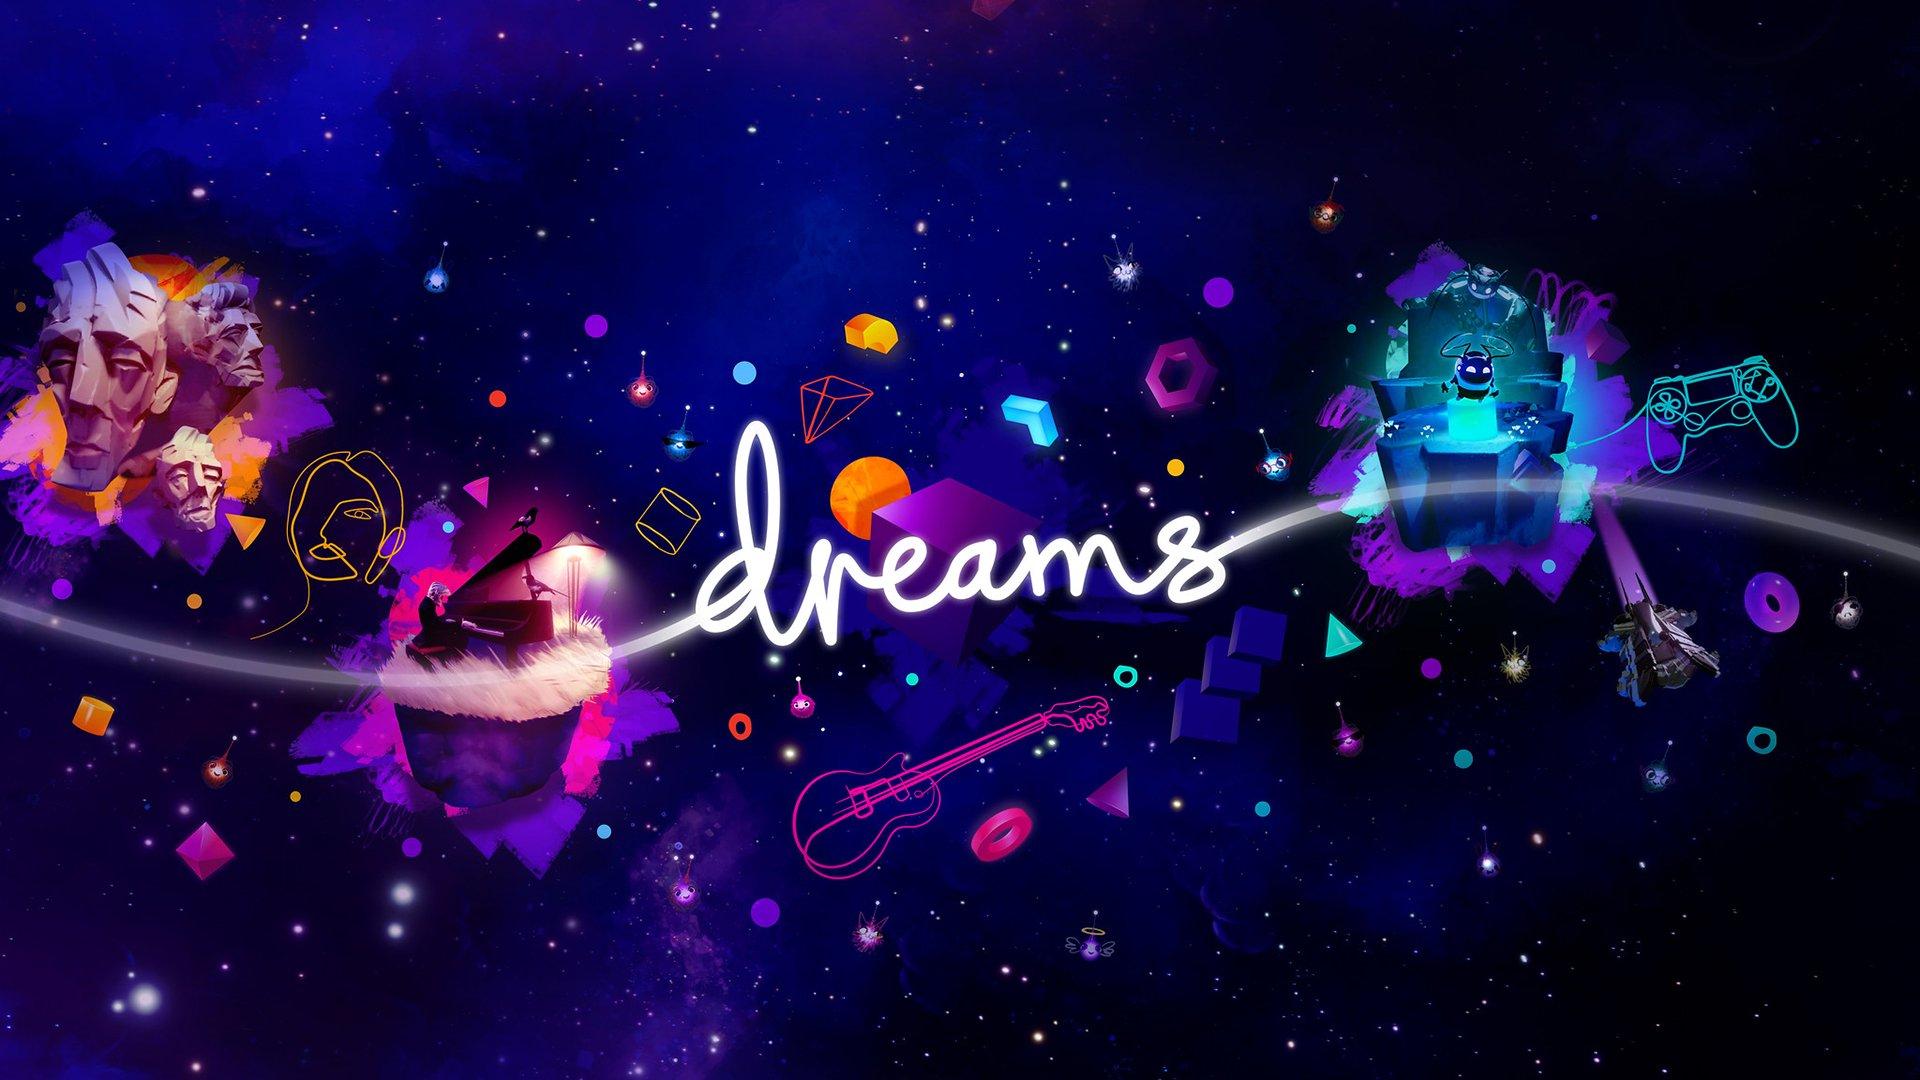 梦想成真!游戏公司向《梦境》高分关卡创作者伸出橄榄枝